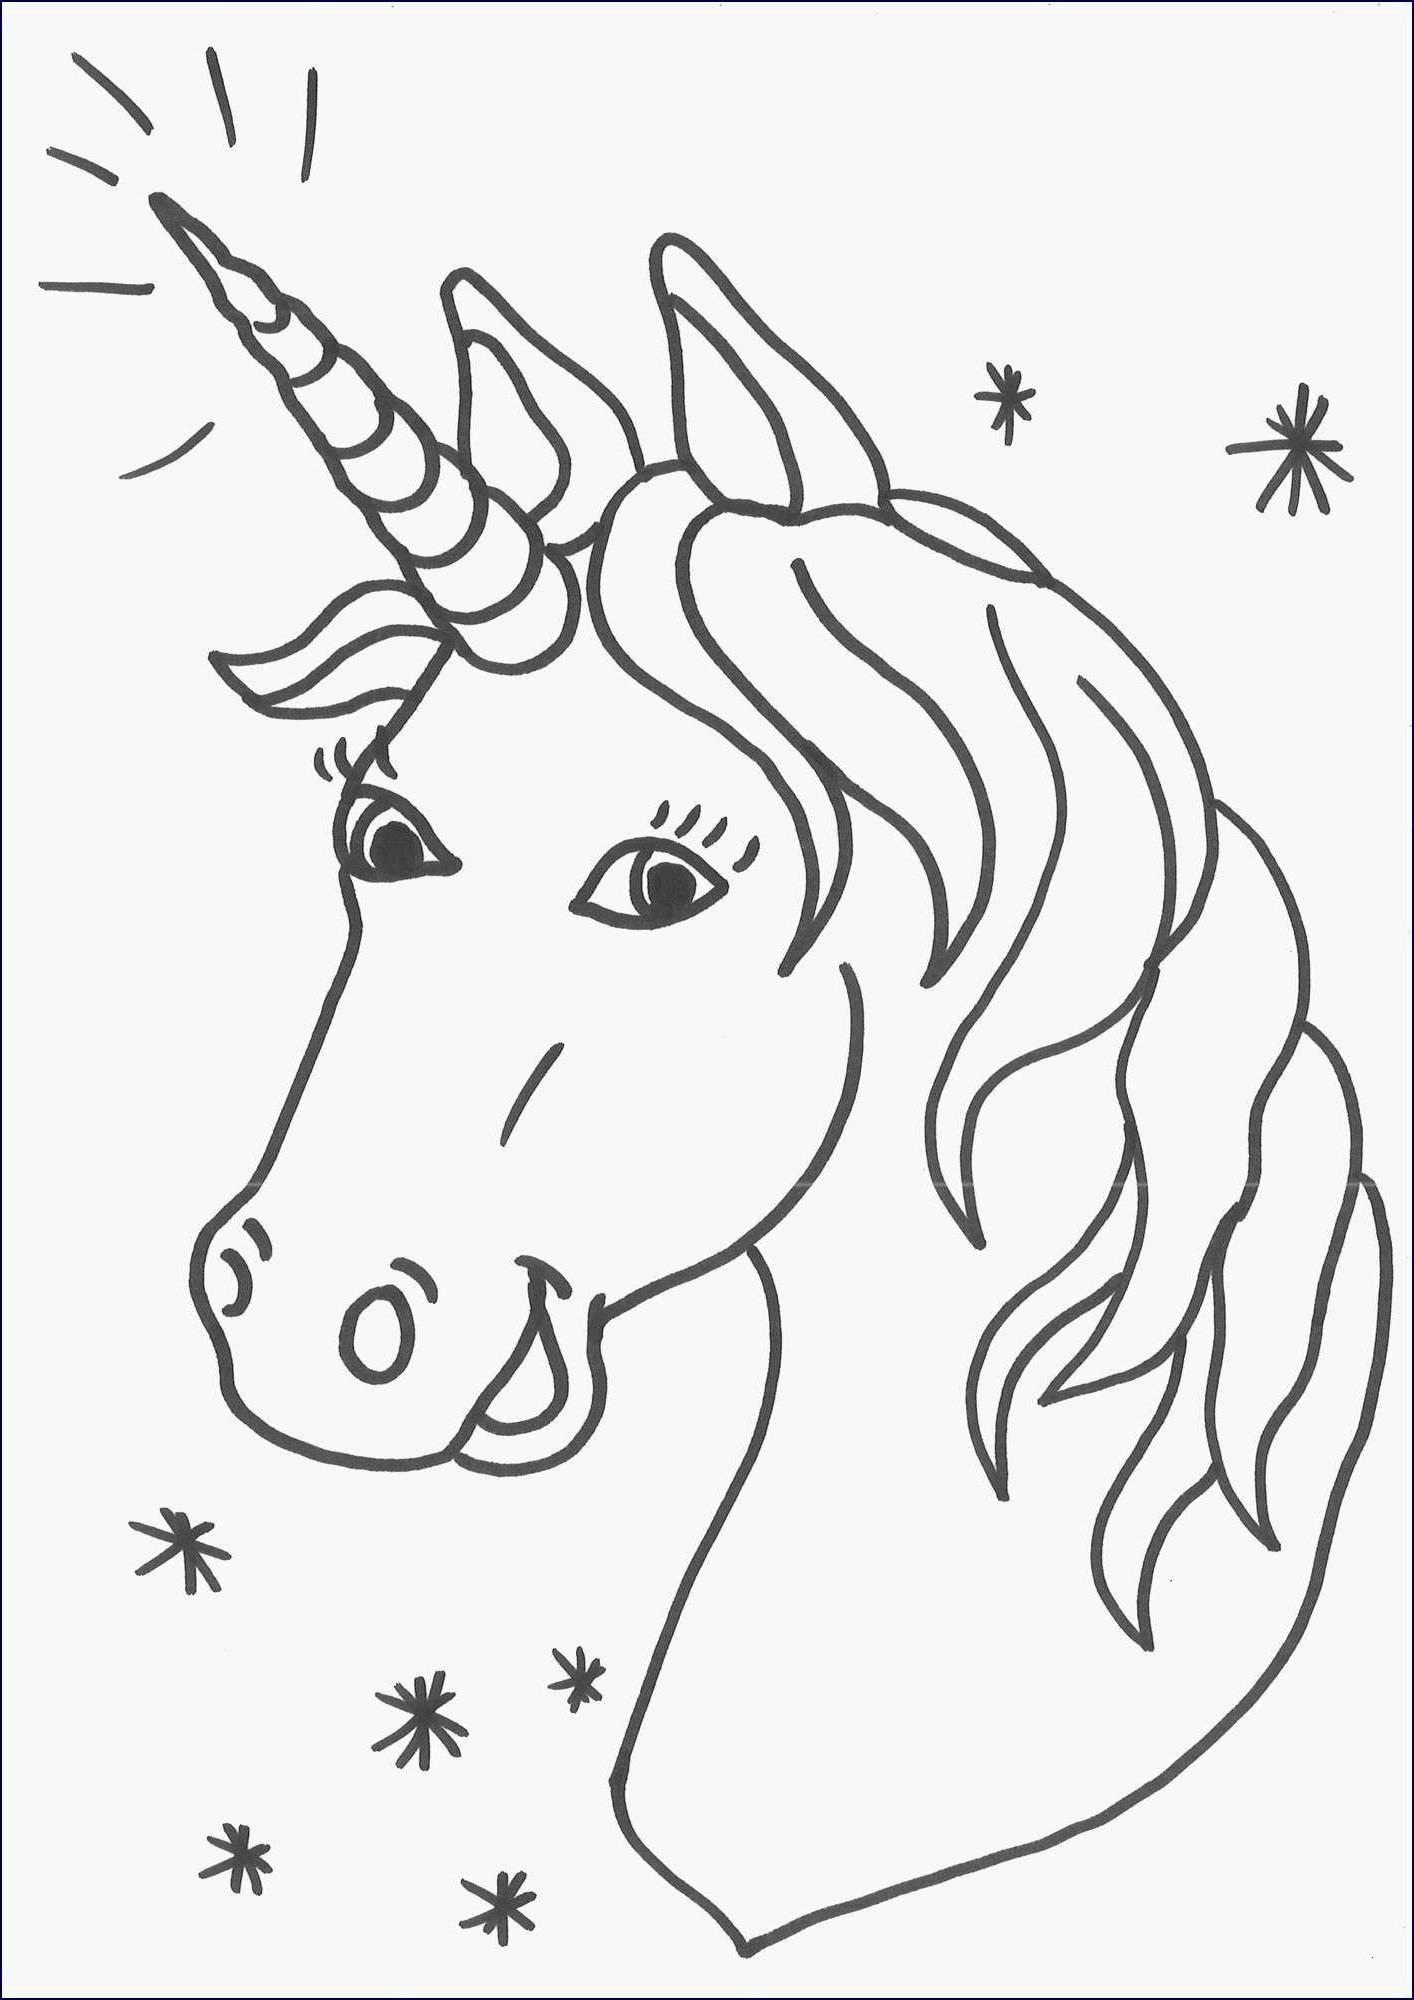 Ausmalbilder Filly Pferde Genial 45 Frisch Ausmalbilder Wickie – Große Coloring Page Sammlung Fotos